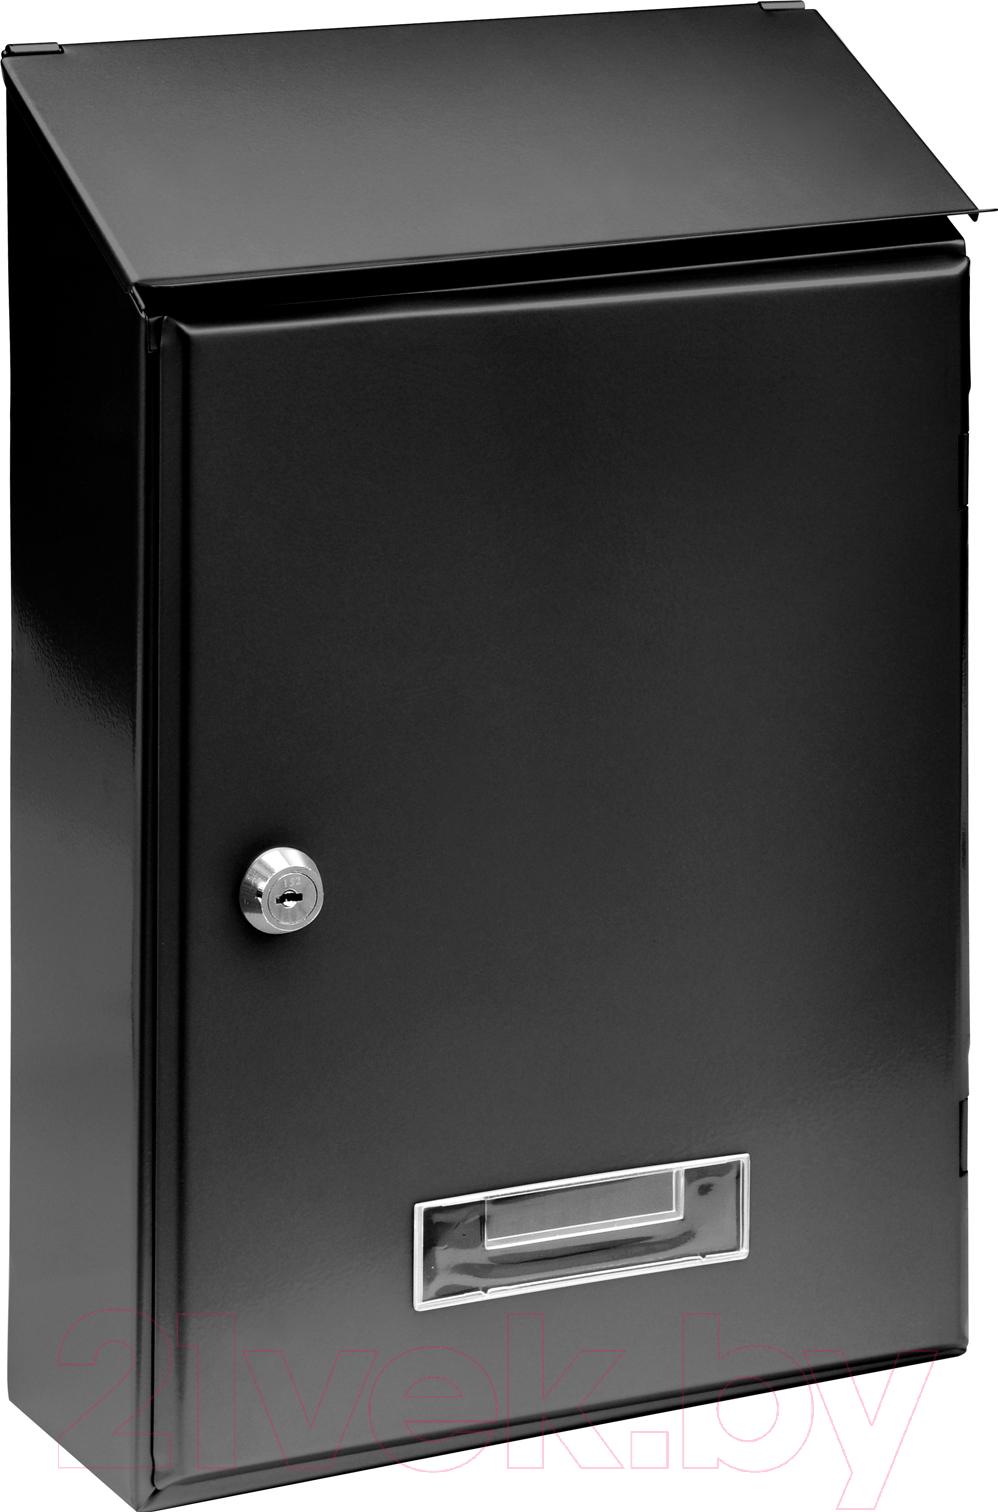 Купить Почтовый ящик Vorel, 78560, Польша, черный, сталь